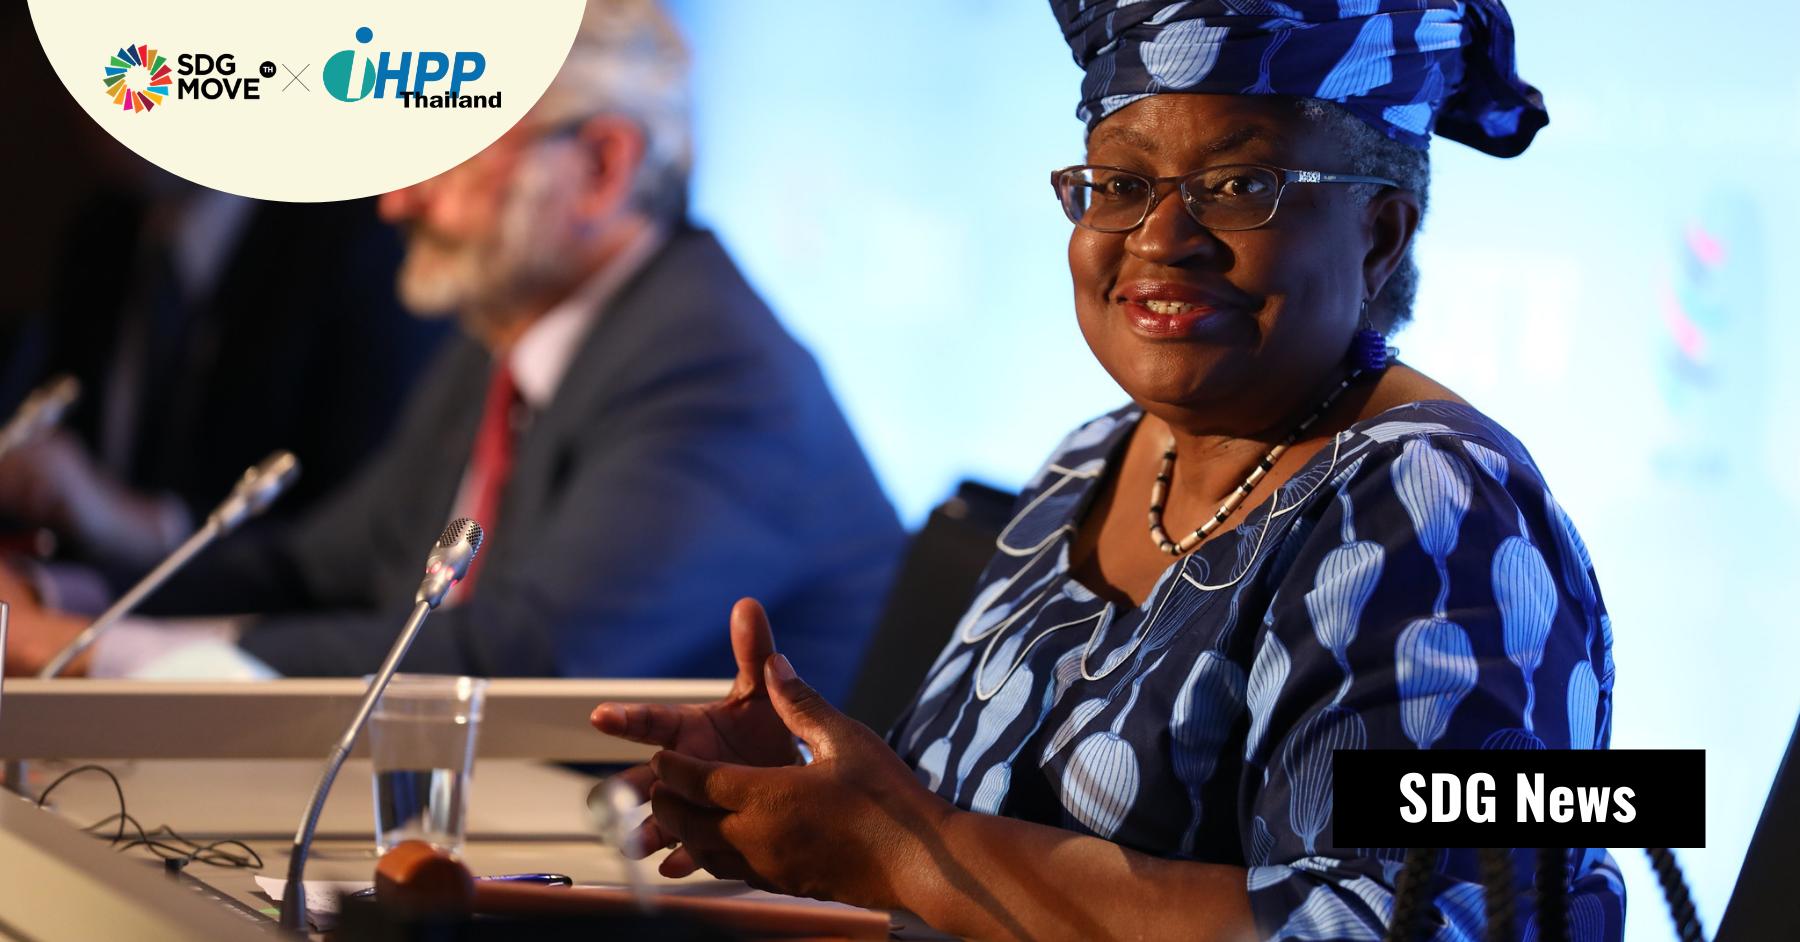 Ngozi Okonjo-Iweala สตรีผิวสีคนแรกที่จะได้รับตำแหน่ง ผอ. WTO